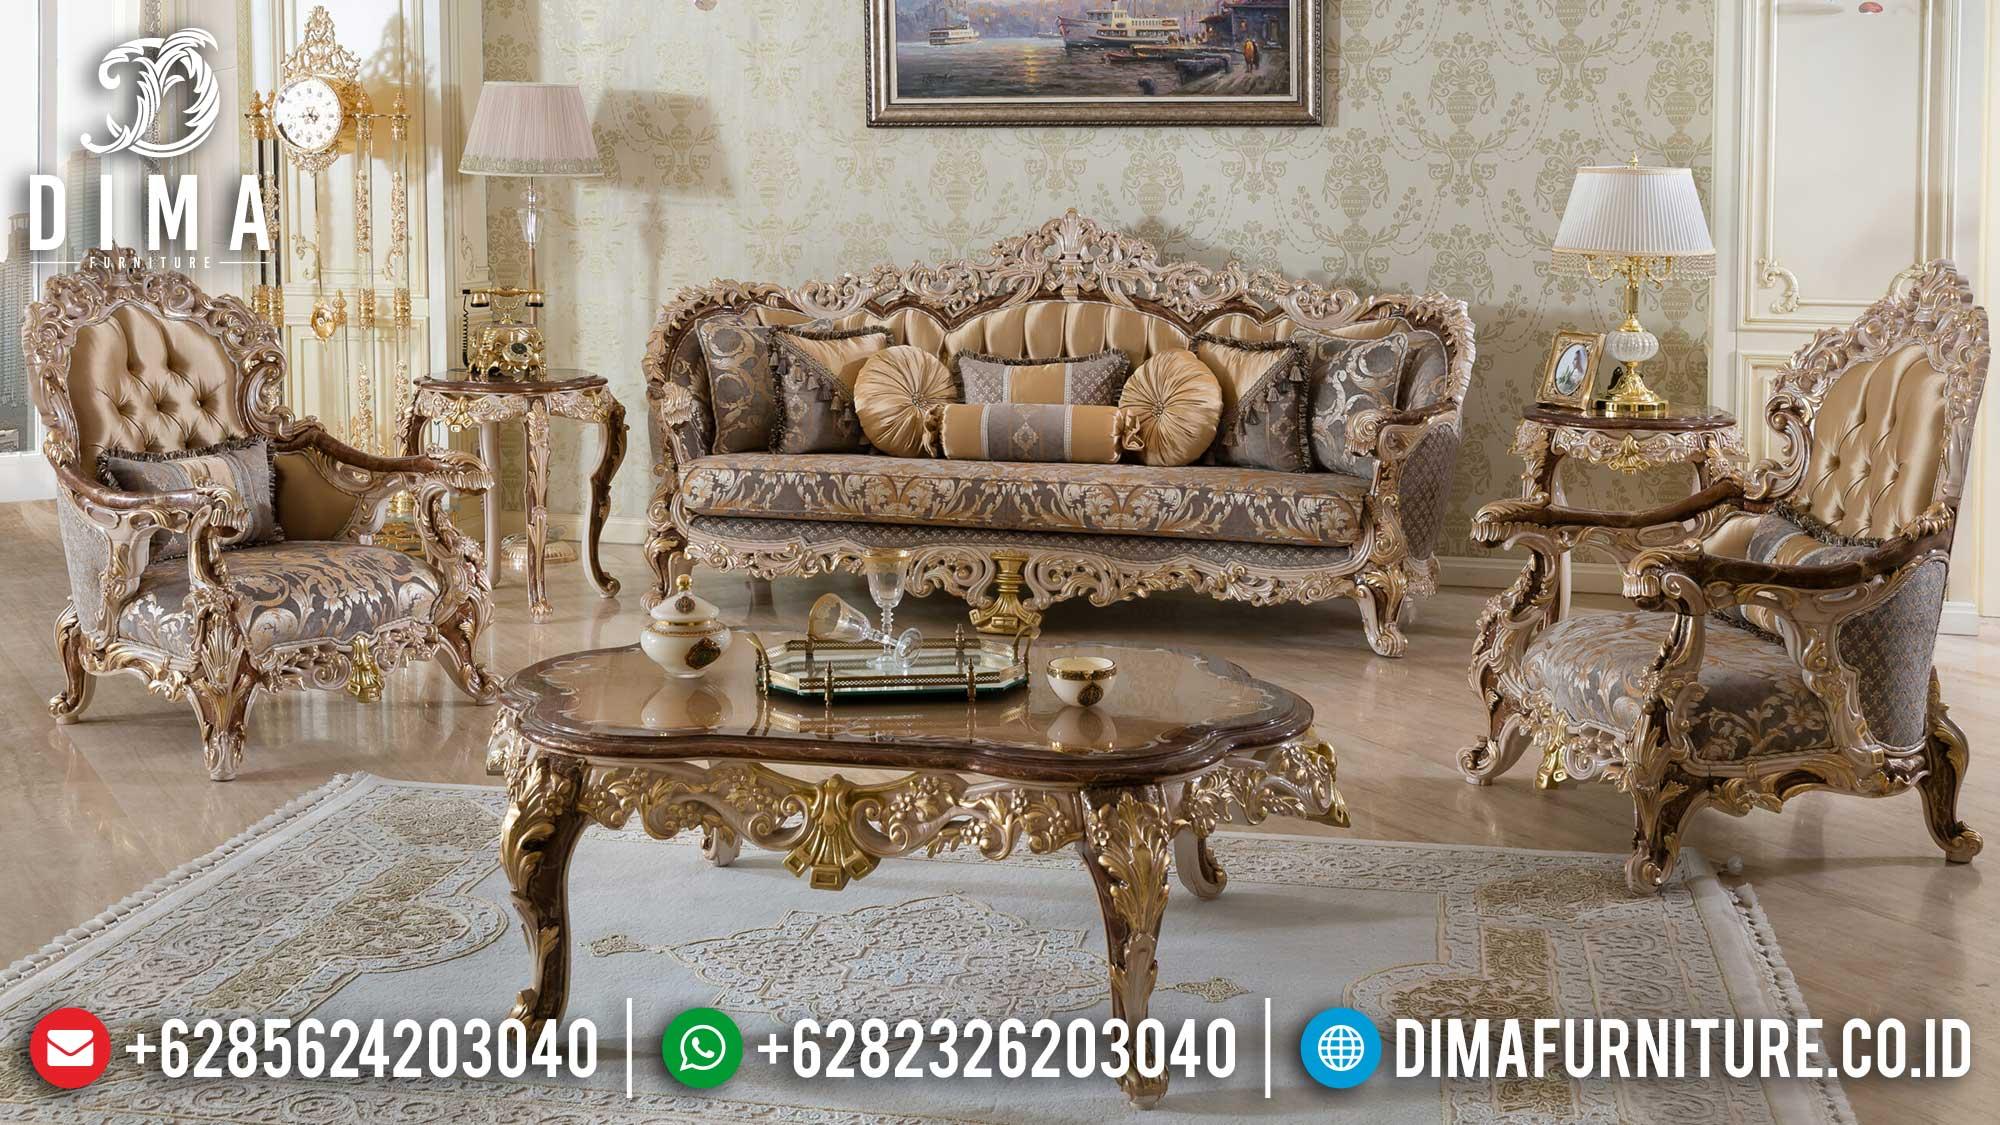 Sofa Tamu Jepara Best Design Luxury Carving Furniture Mewah Terbaru Mm-0955